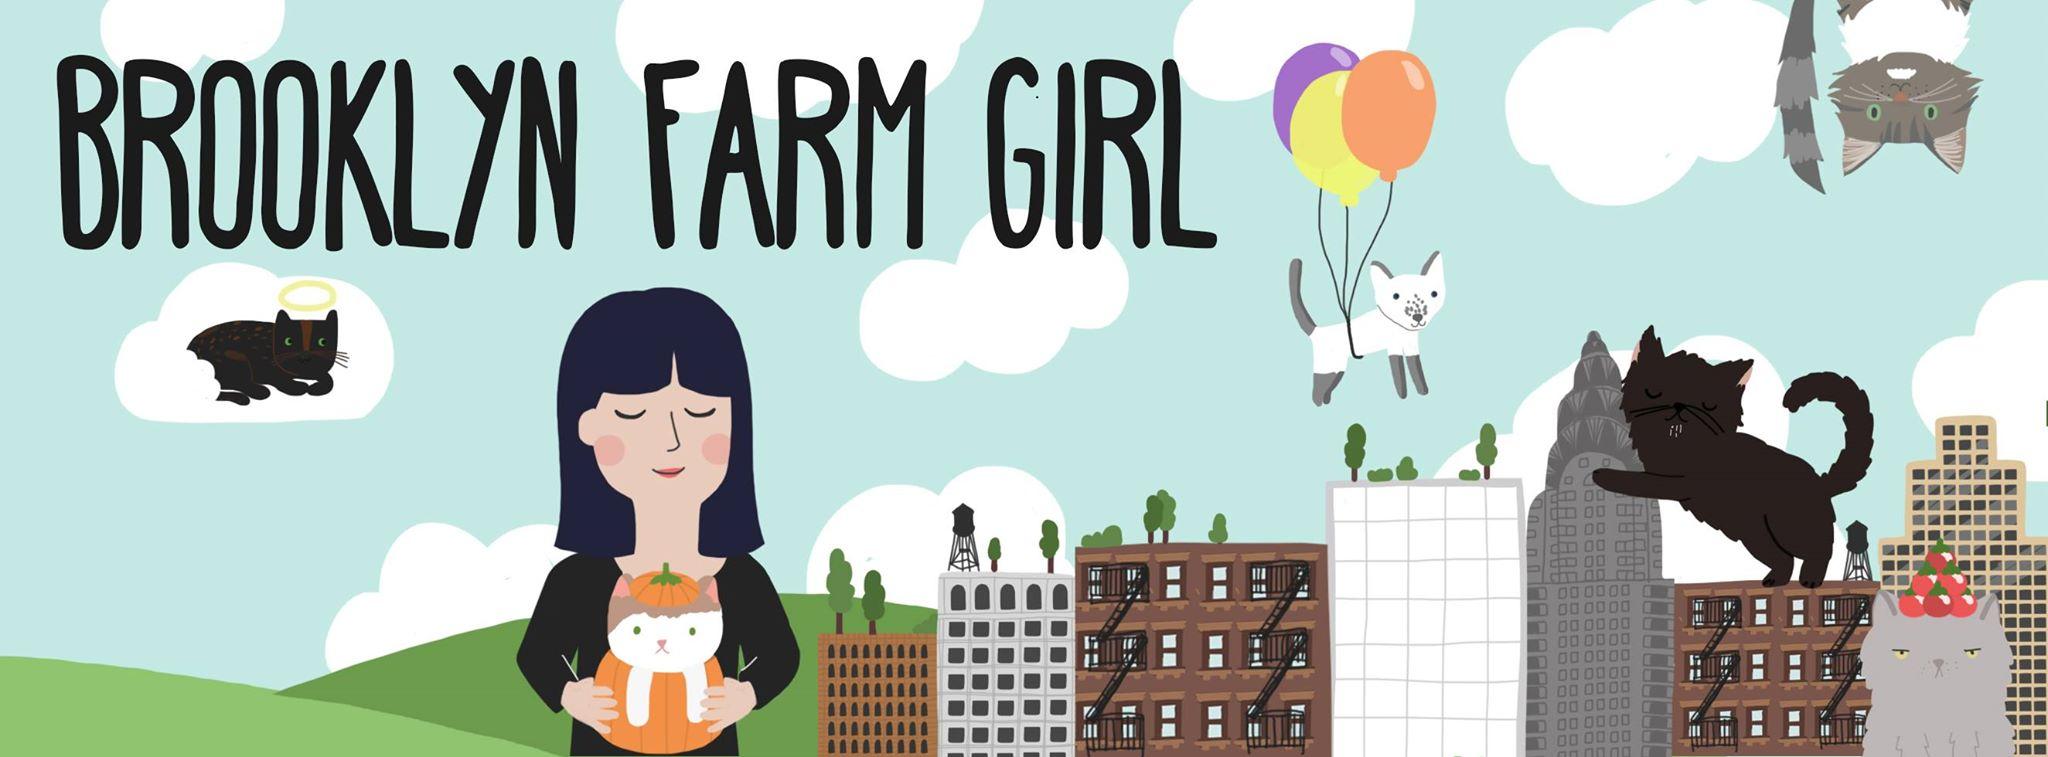 Brooklyn Farm Girl Blog